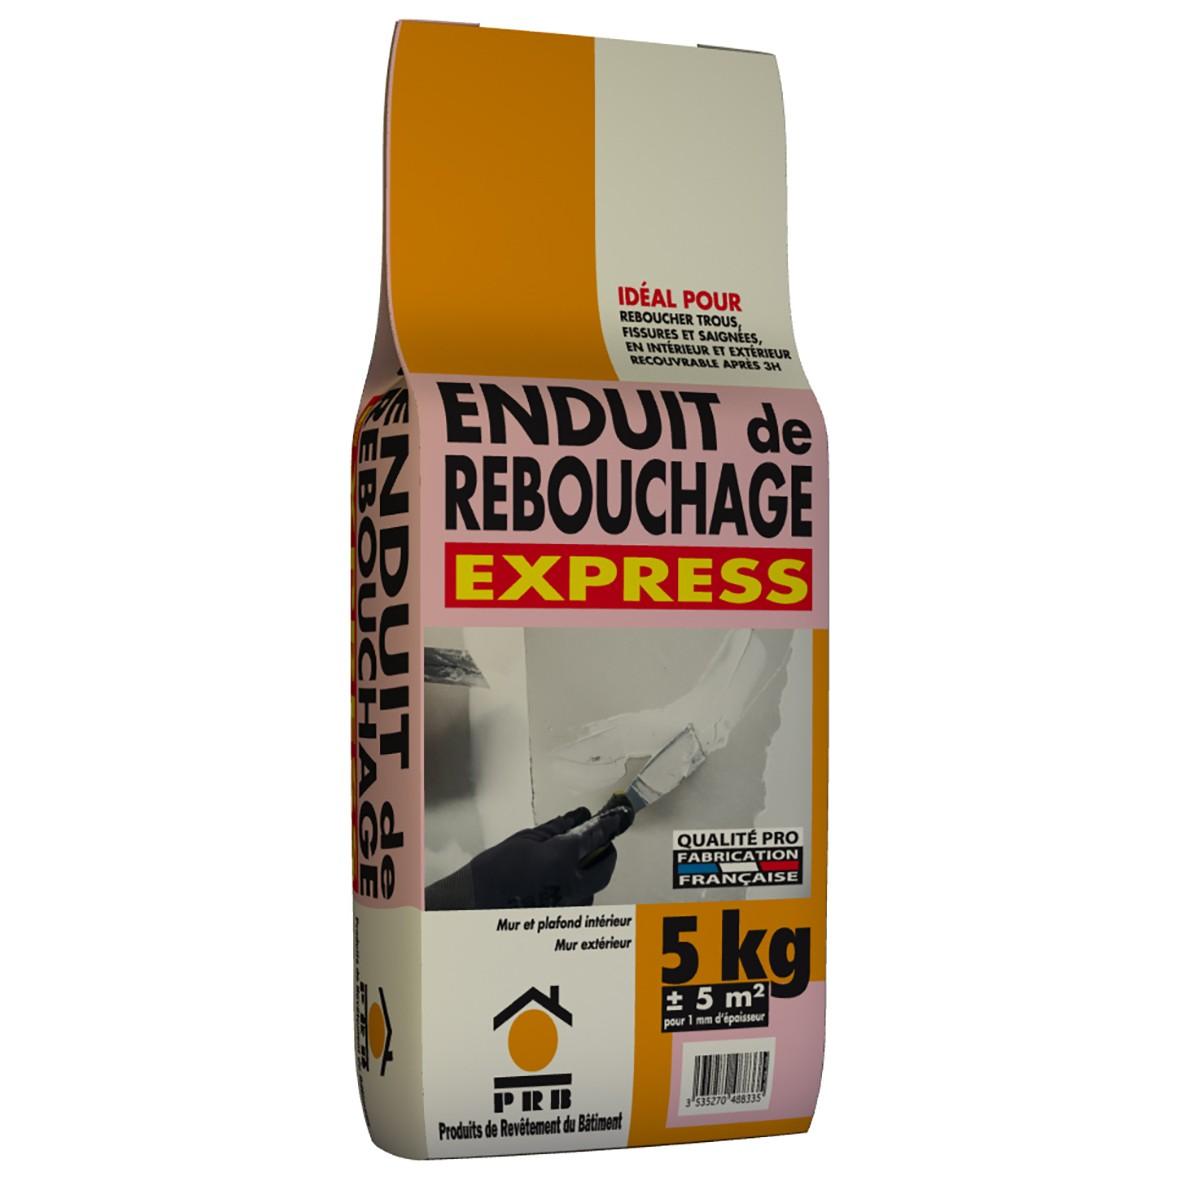 PRB ENDUIT DE REBOUCHAGE EXPRESS - Enduit de rebouchage exterieur